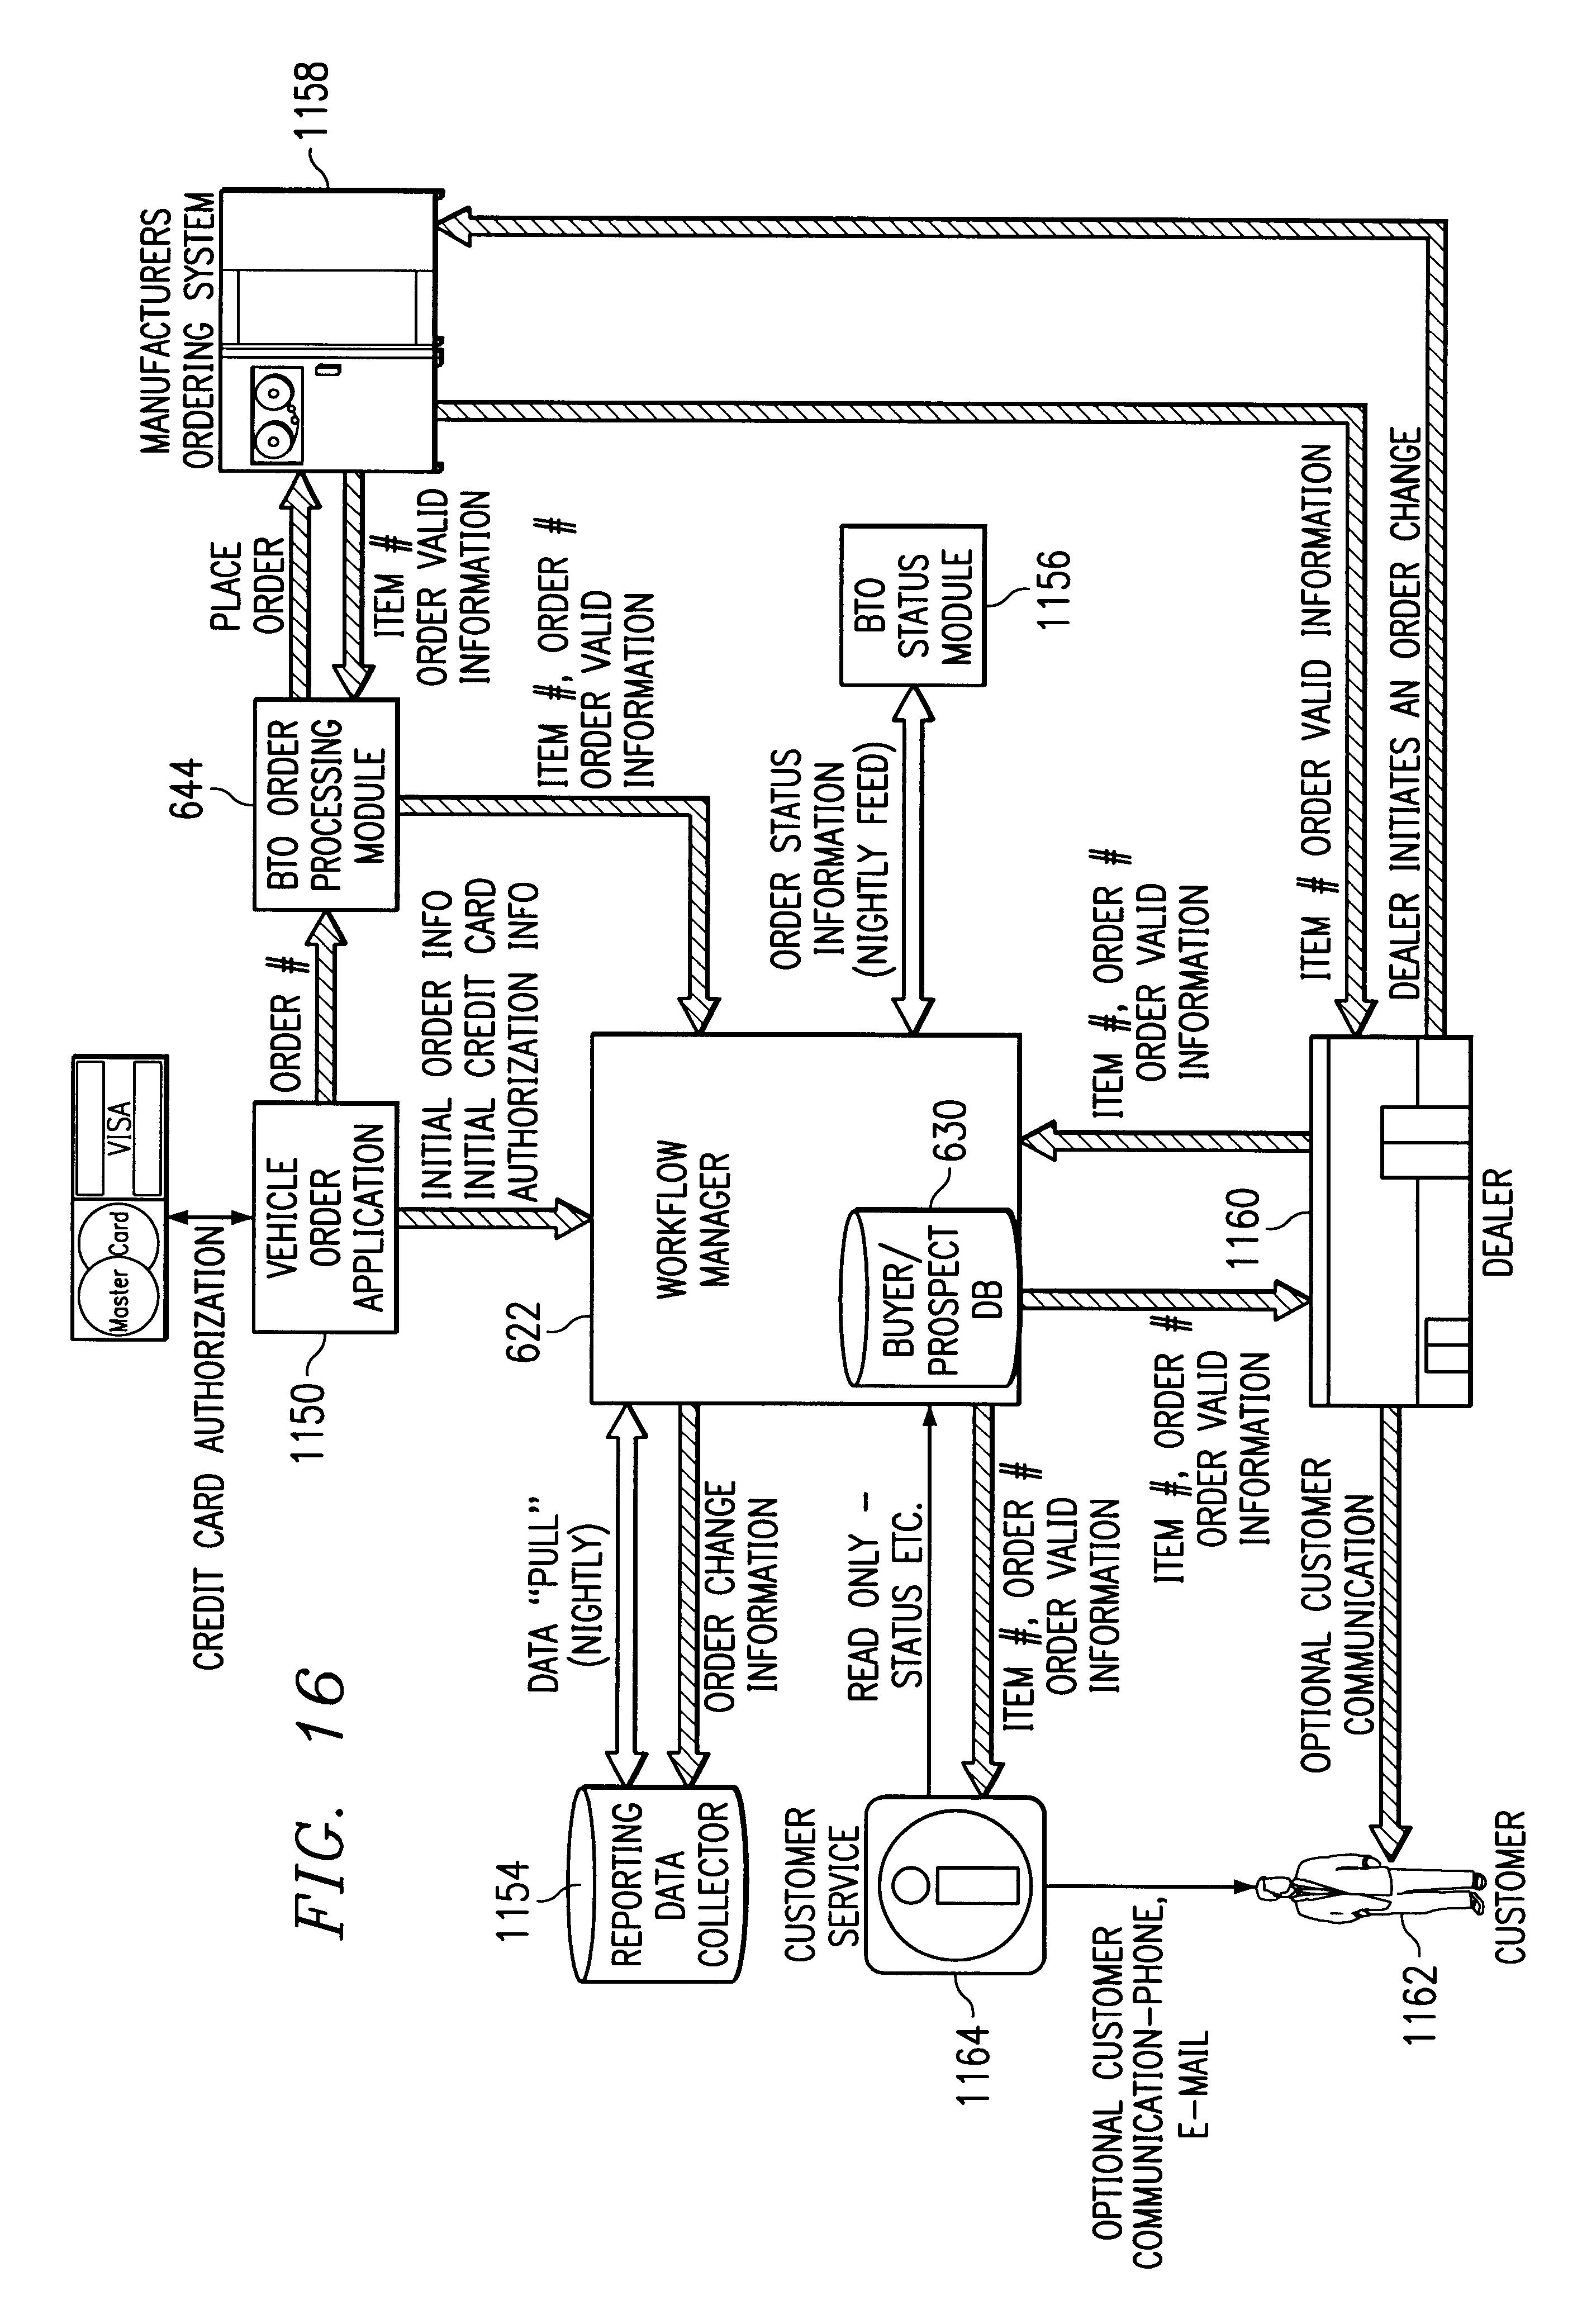 brevet us6609108